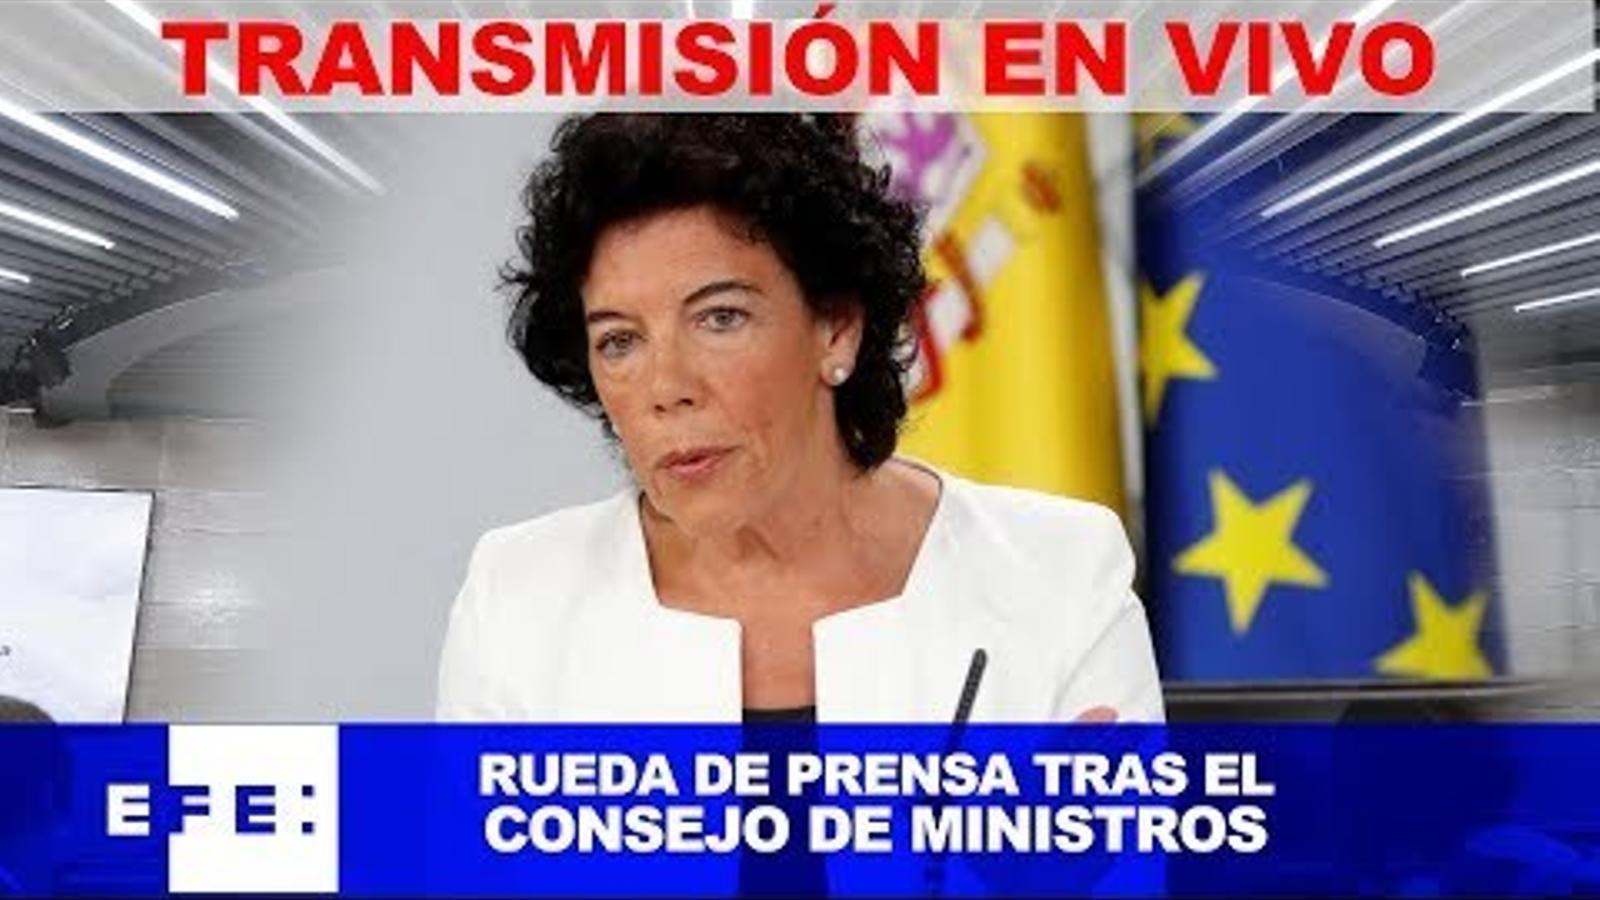 Roda de premsa del Consell de Ministres